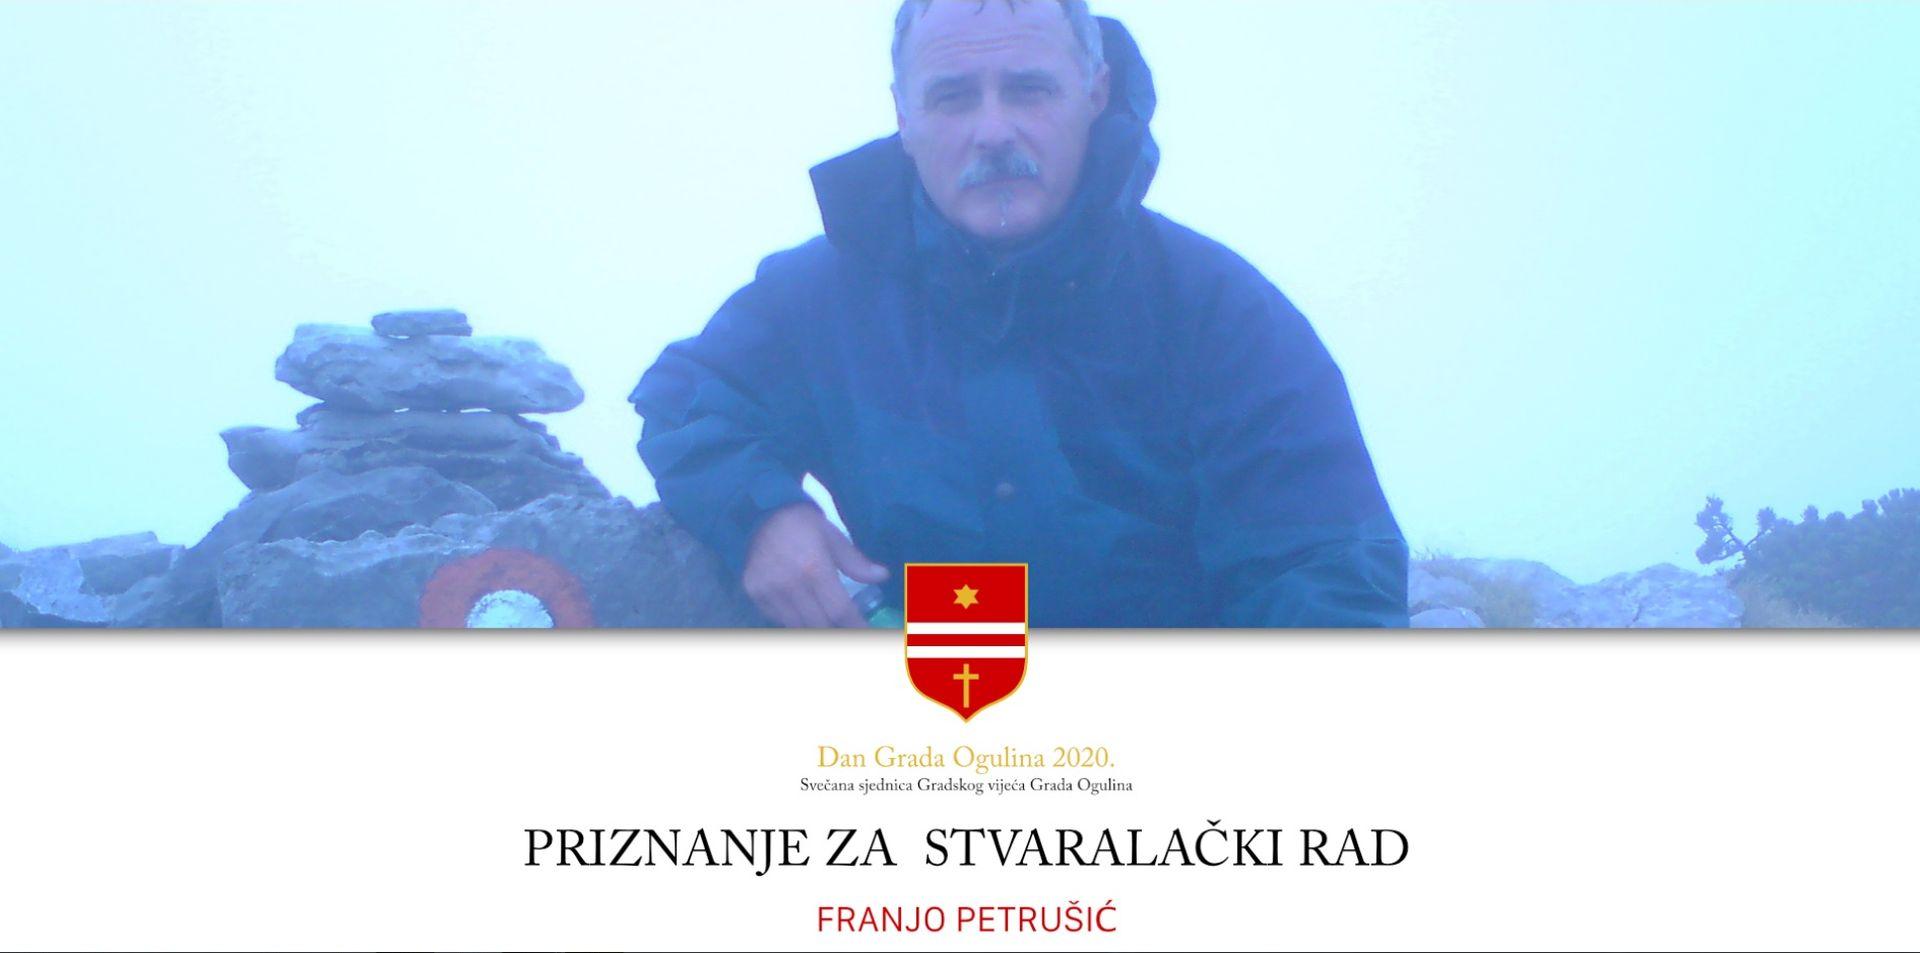 Franjo Petrušić ogp